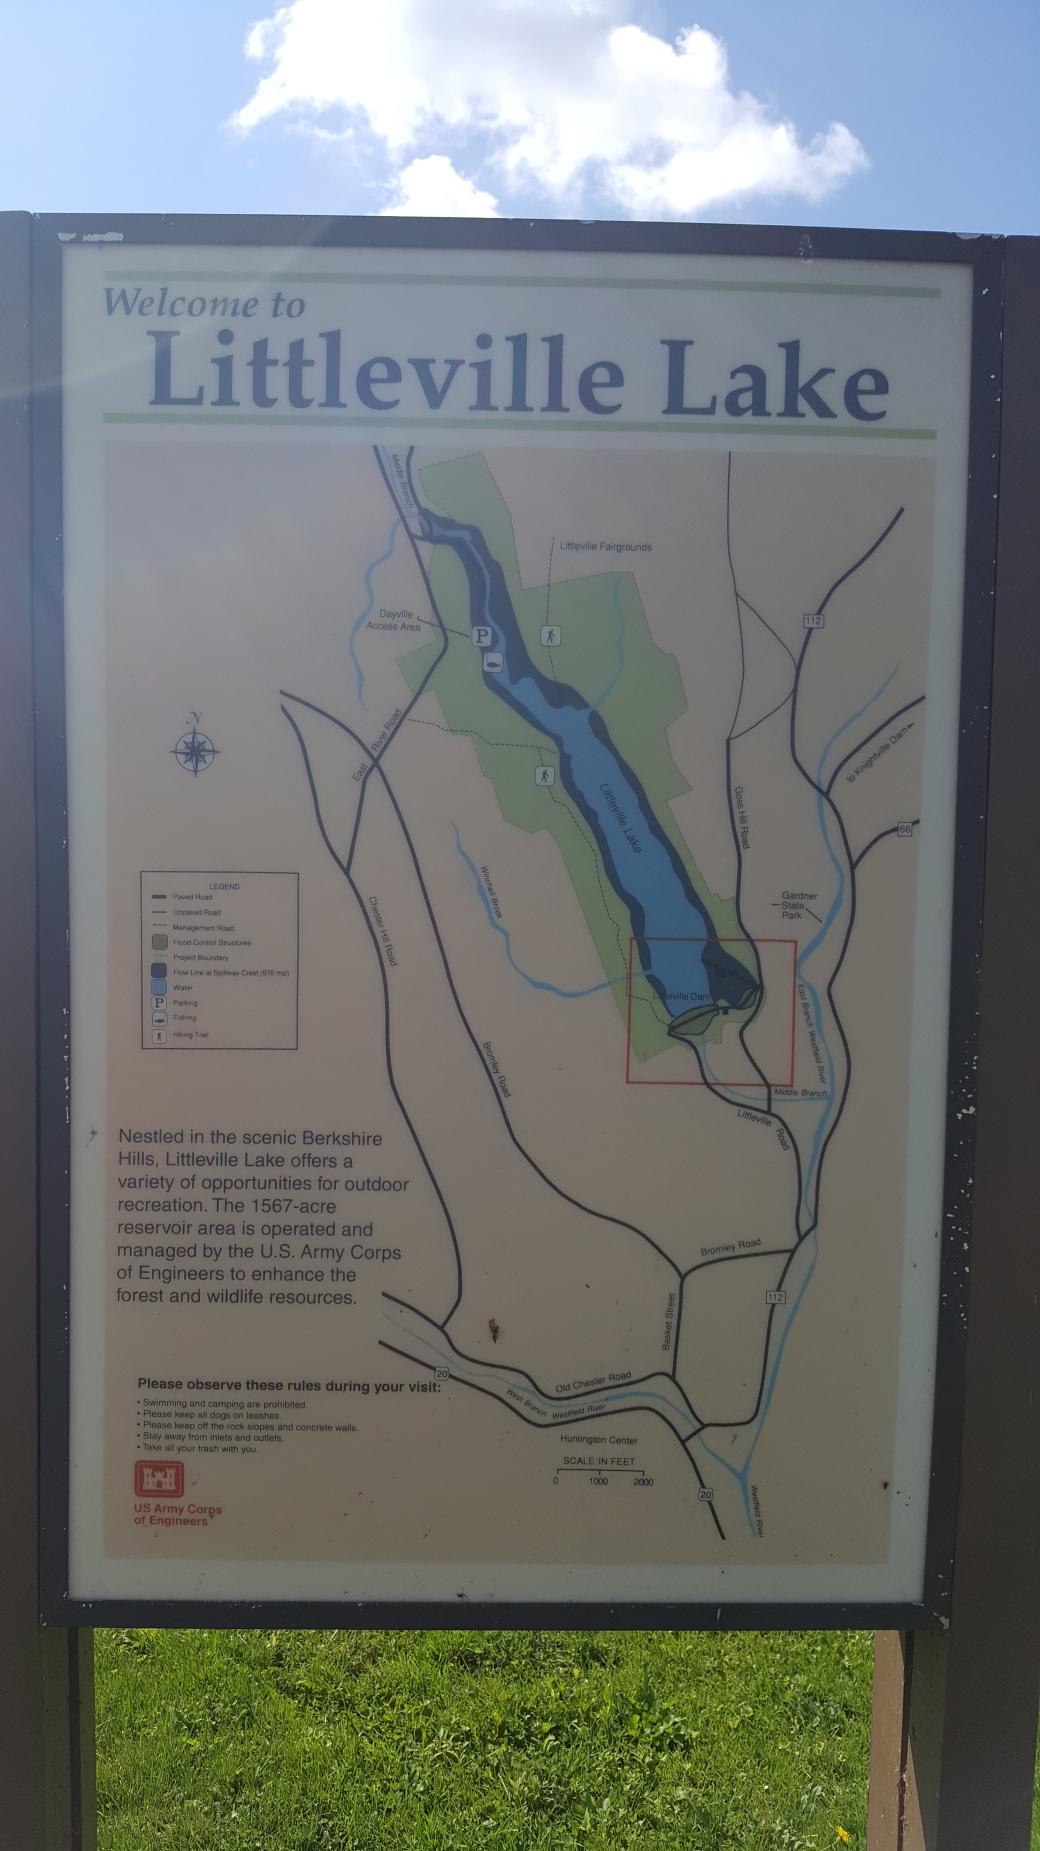 littleville map